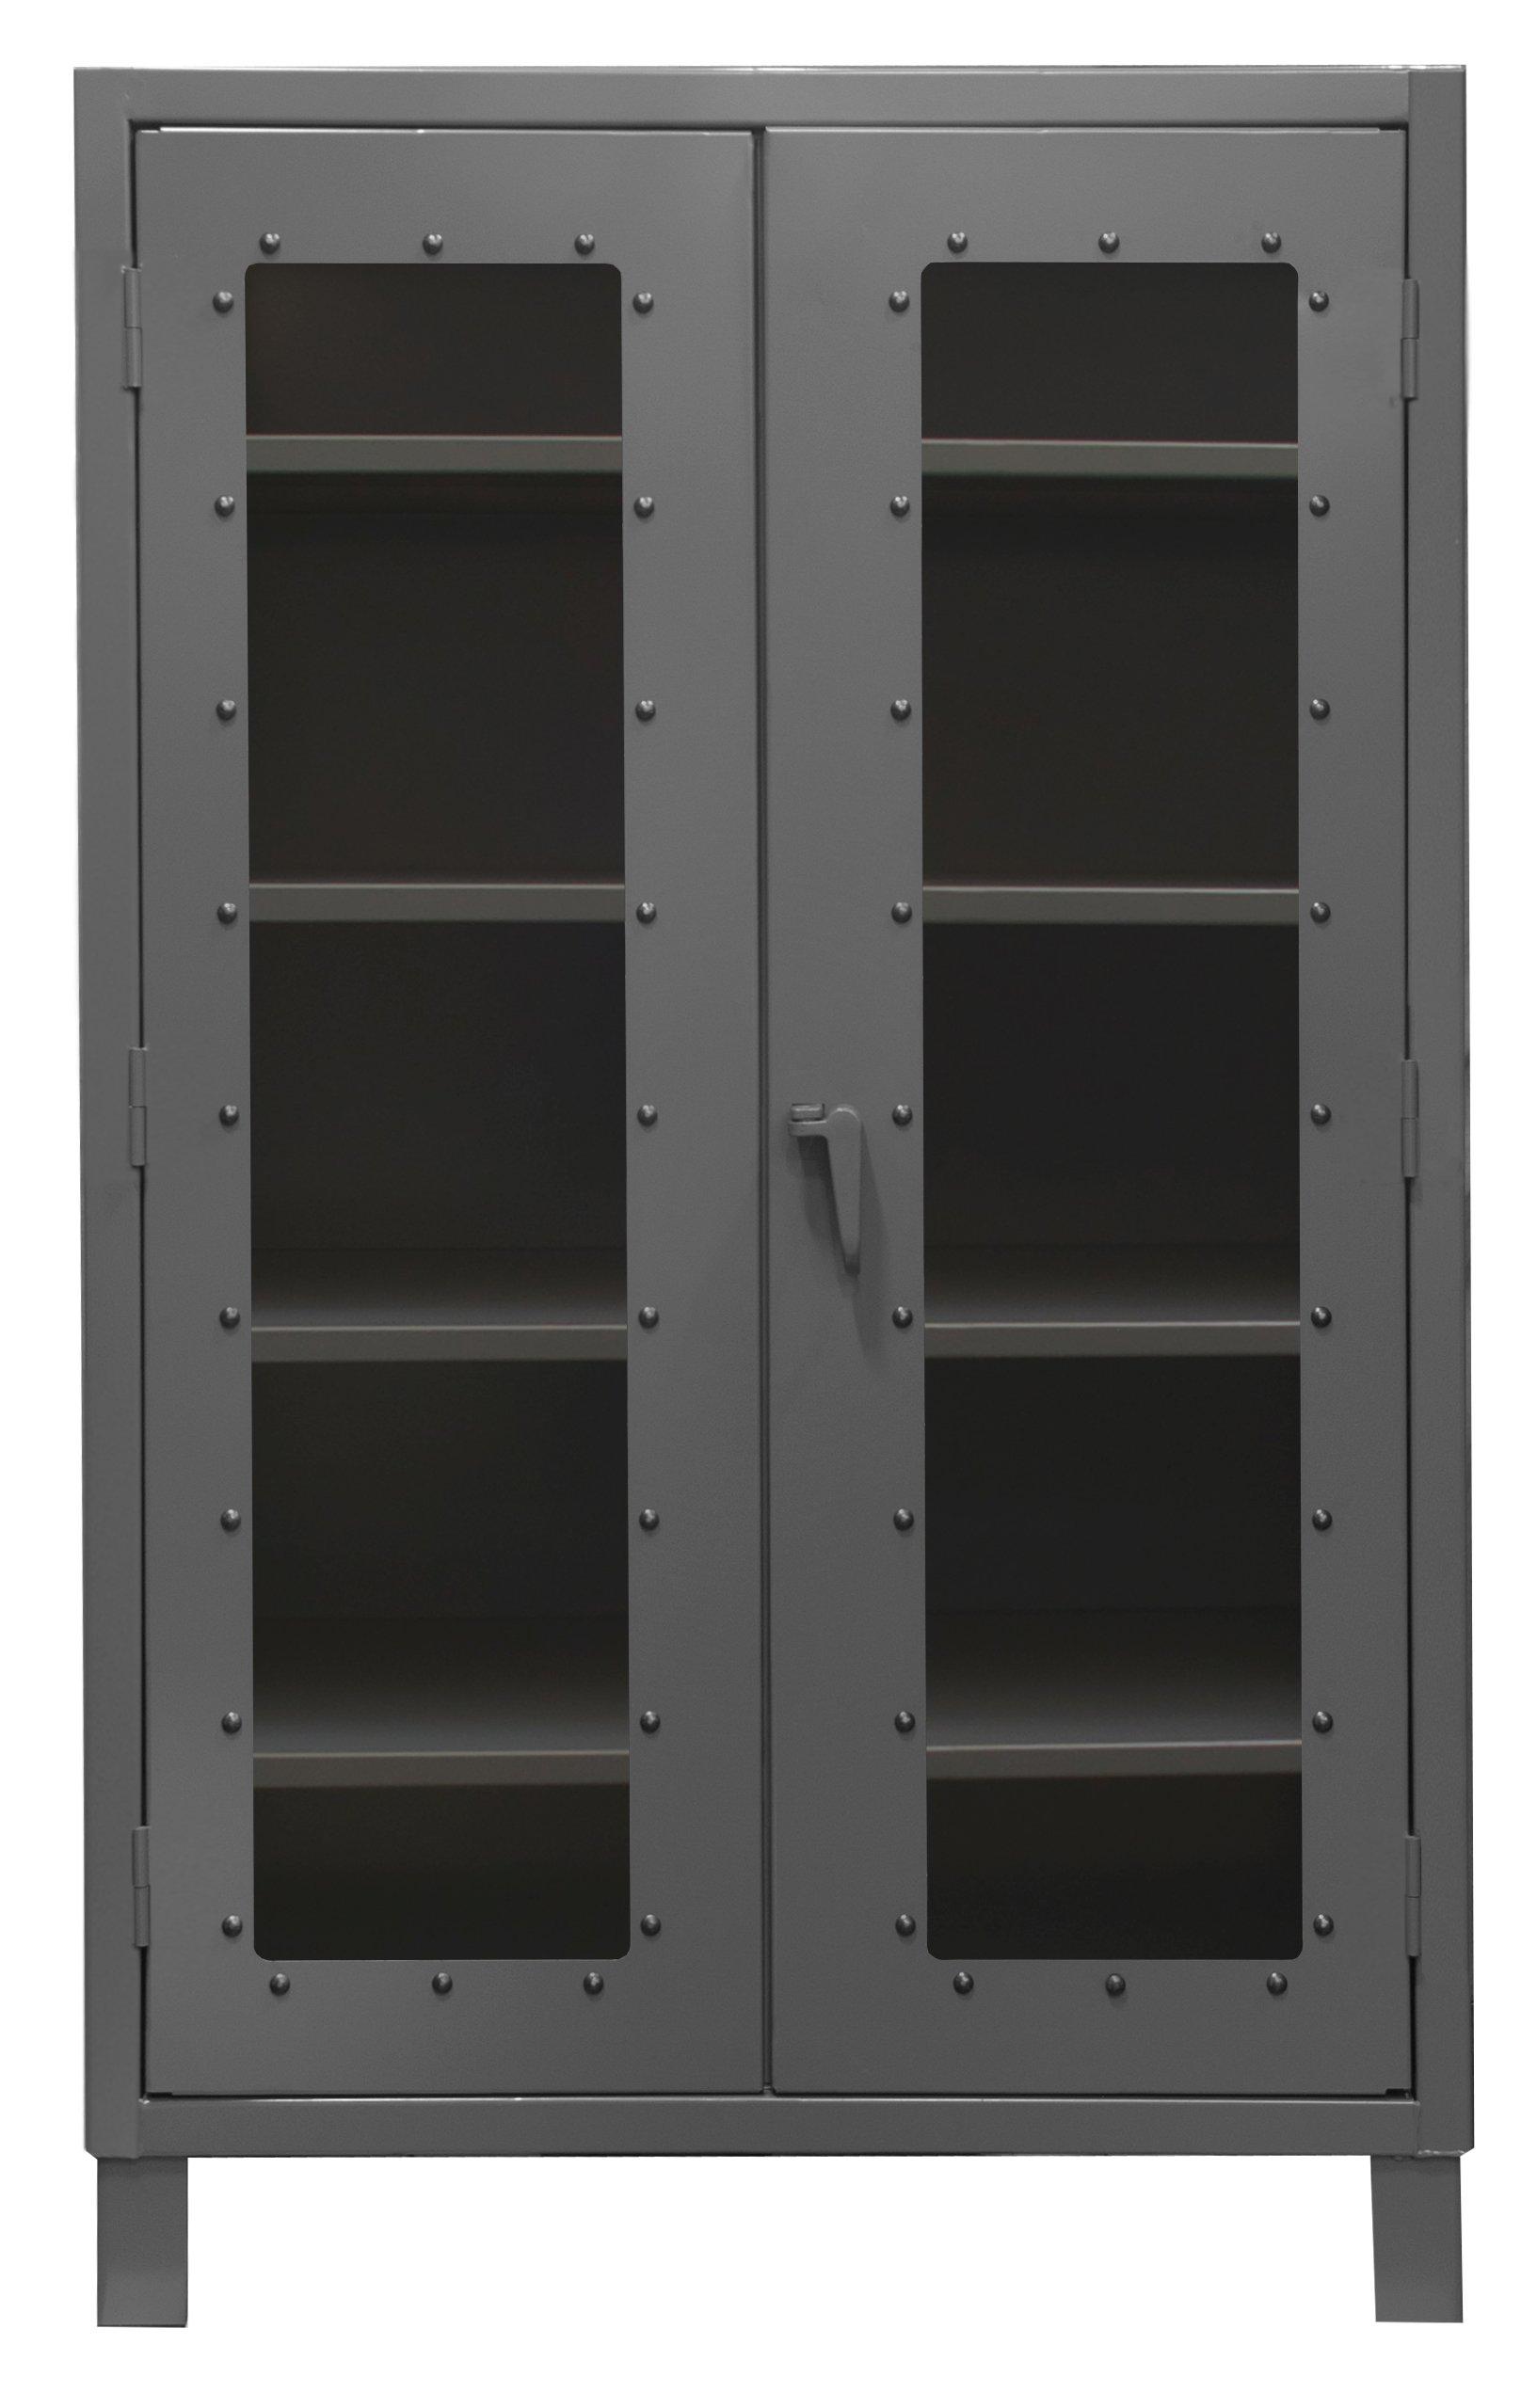 Durham Extra Heavy Duty Welded 12 Gauge Steel Clearview Lockable Storage Cabinet with Lexan Door, HDCC244878-4S95, 1200 lbs Shelf Capacity, 24'' Length x 48'' Width x 78'' Height, 4 Shelves